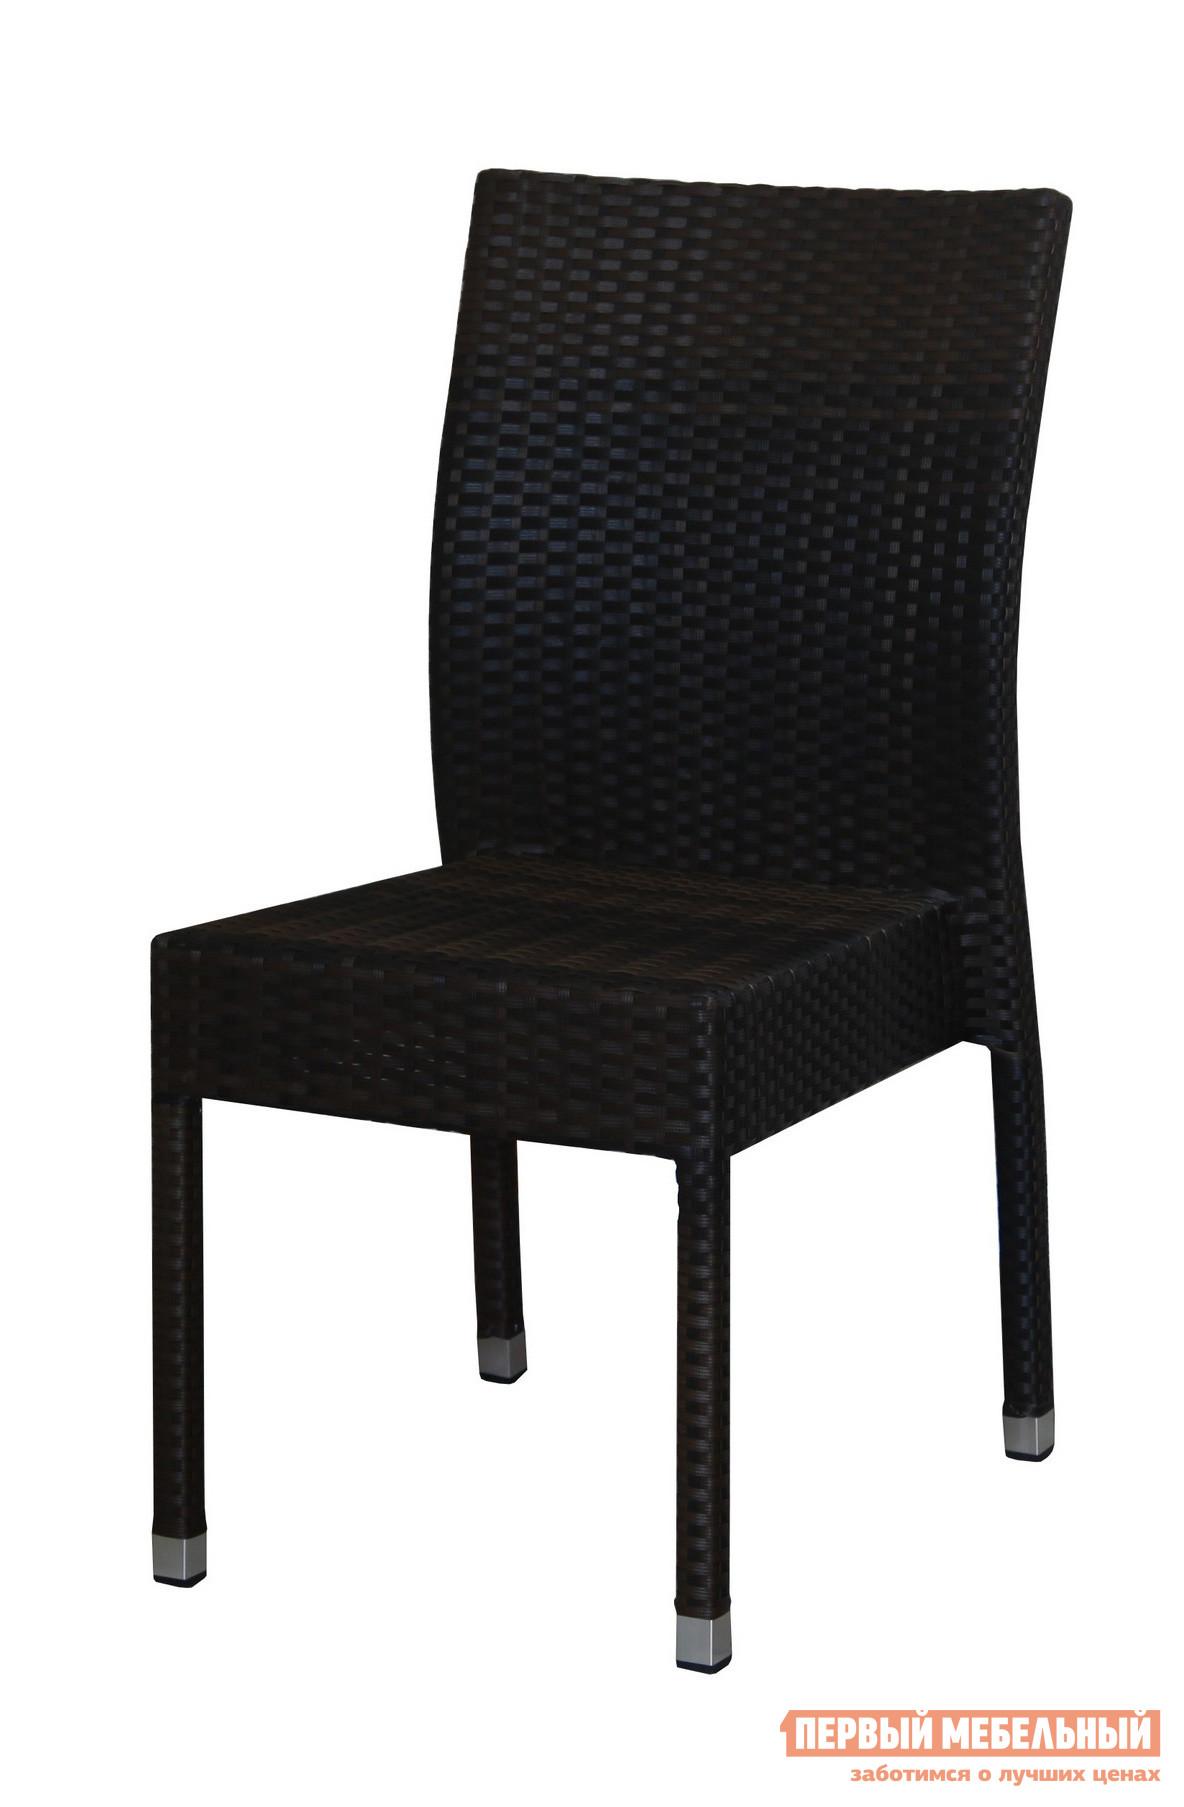 Плетеный стул Red and Black 21251R барный стул red and black 199а wy